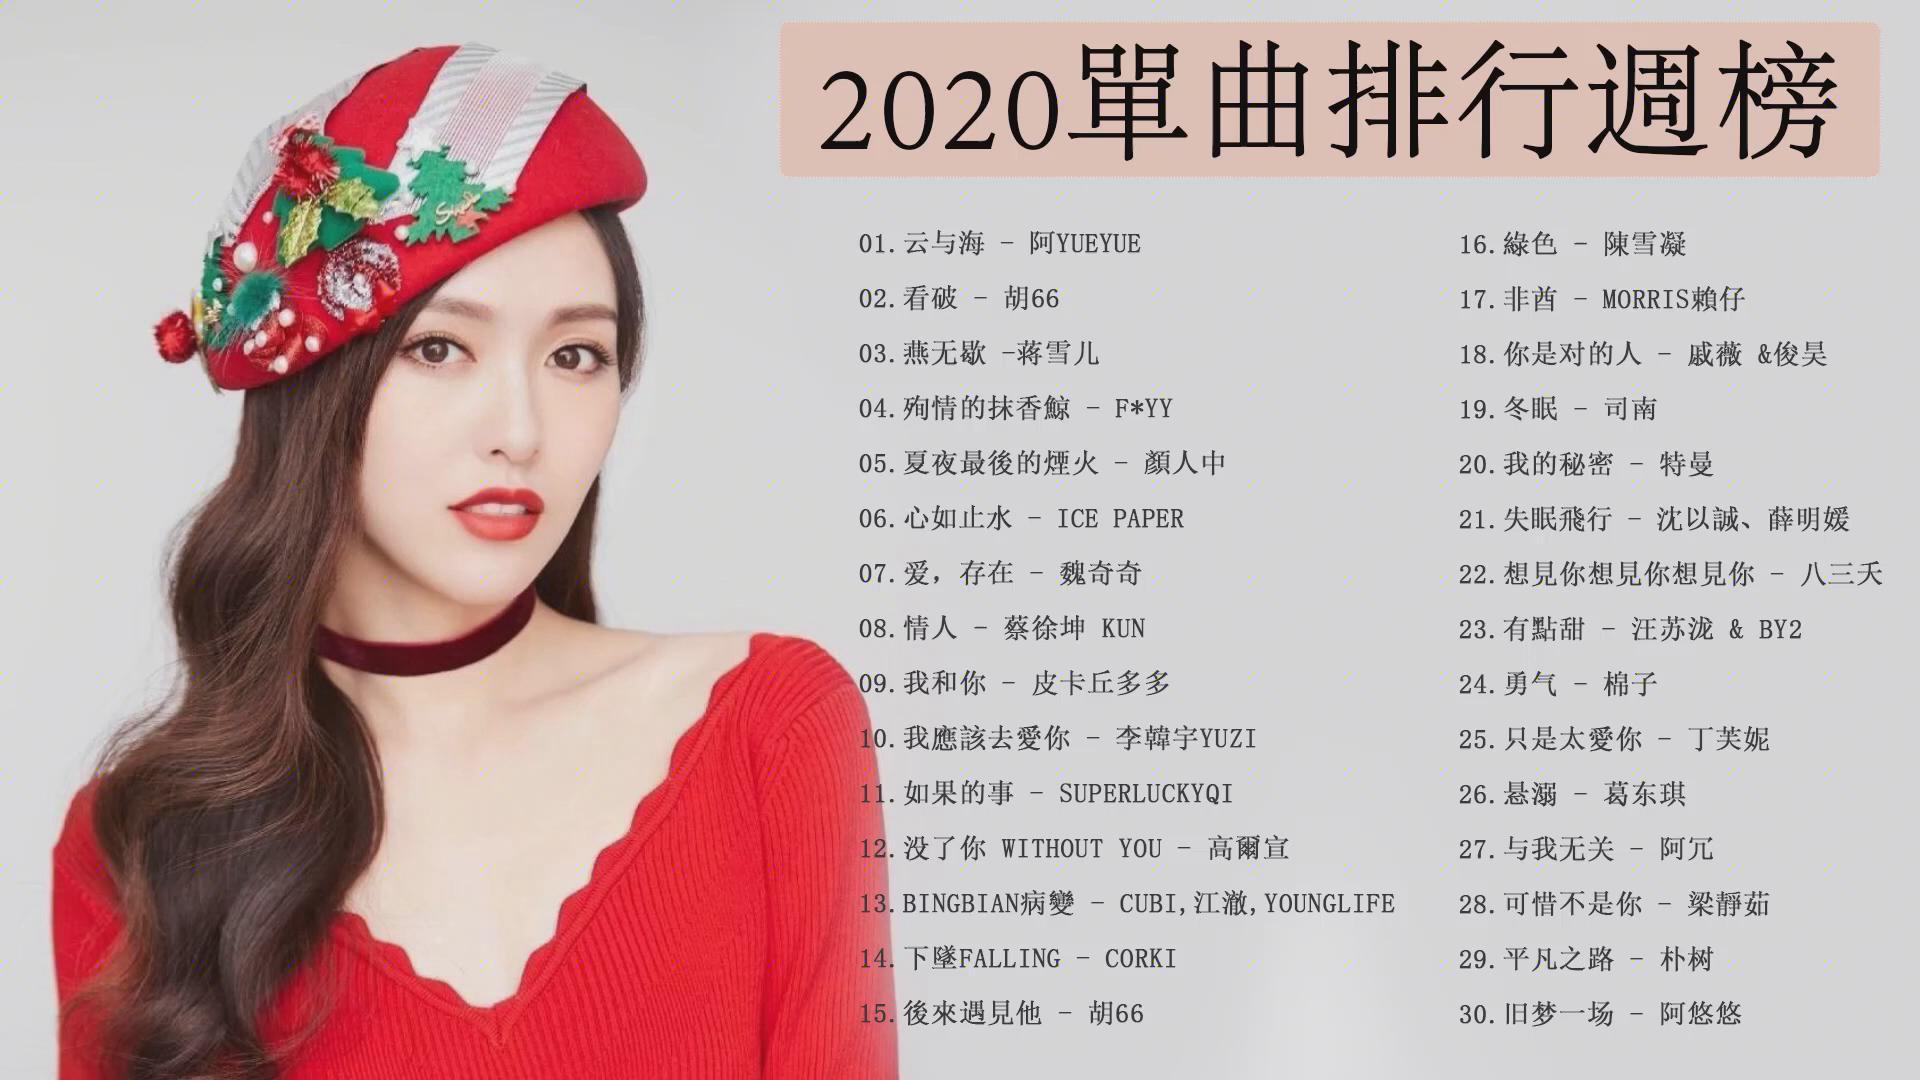 超好听的中文歌曲《抖音音乐》